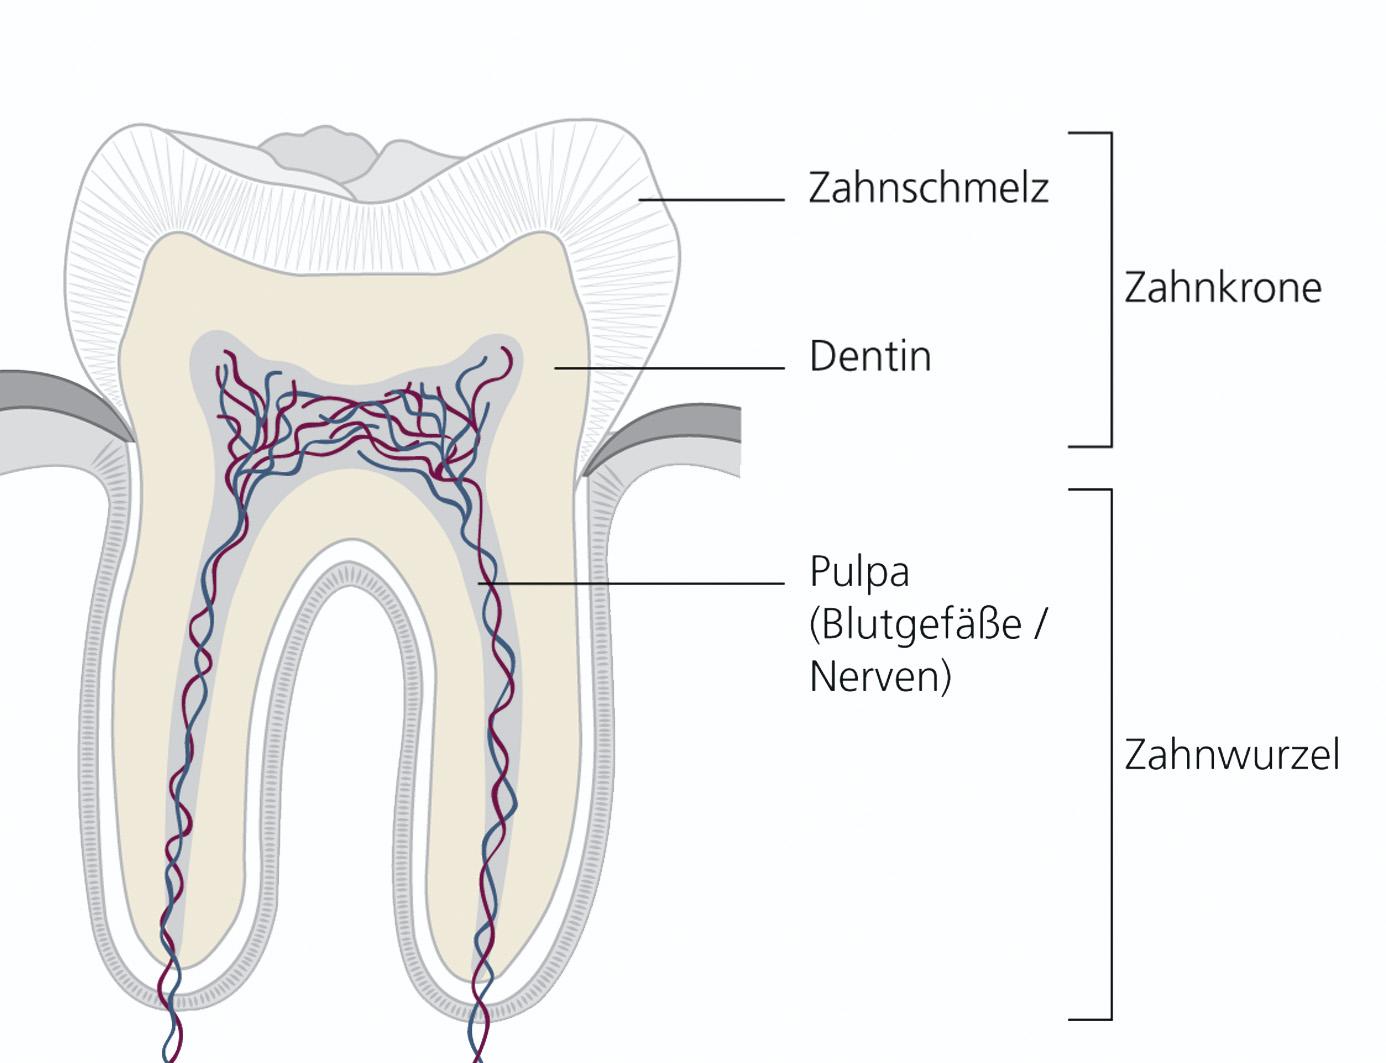 Niedlich Zahn Anatomie Und Physiologie Ideen - Anatomie Ideen ...